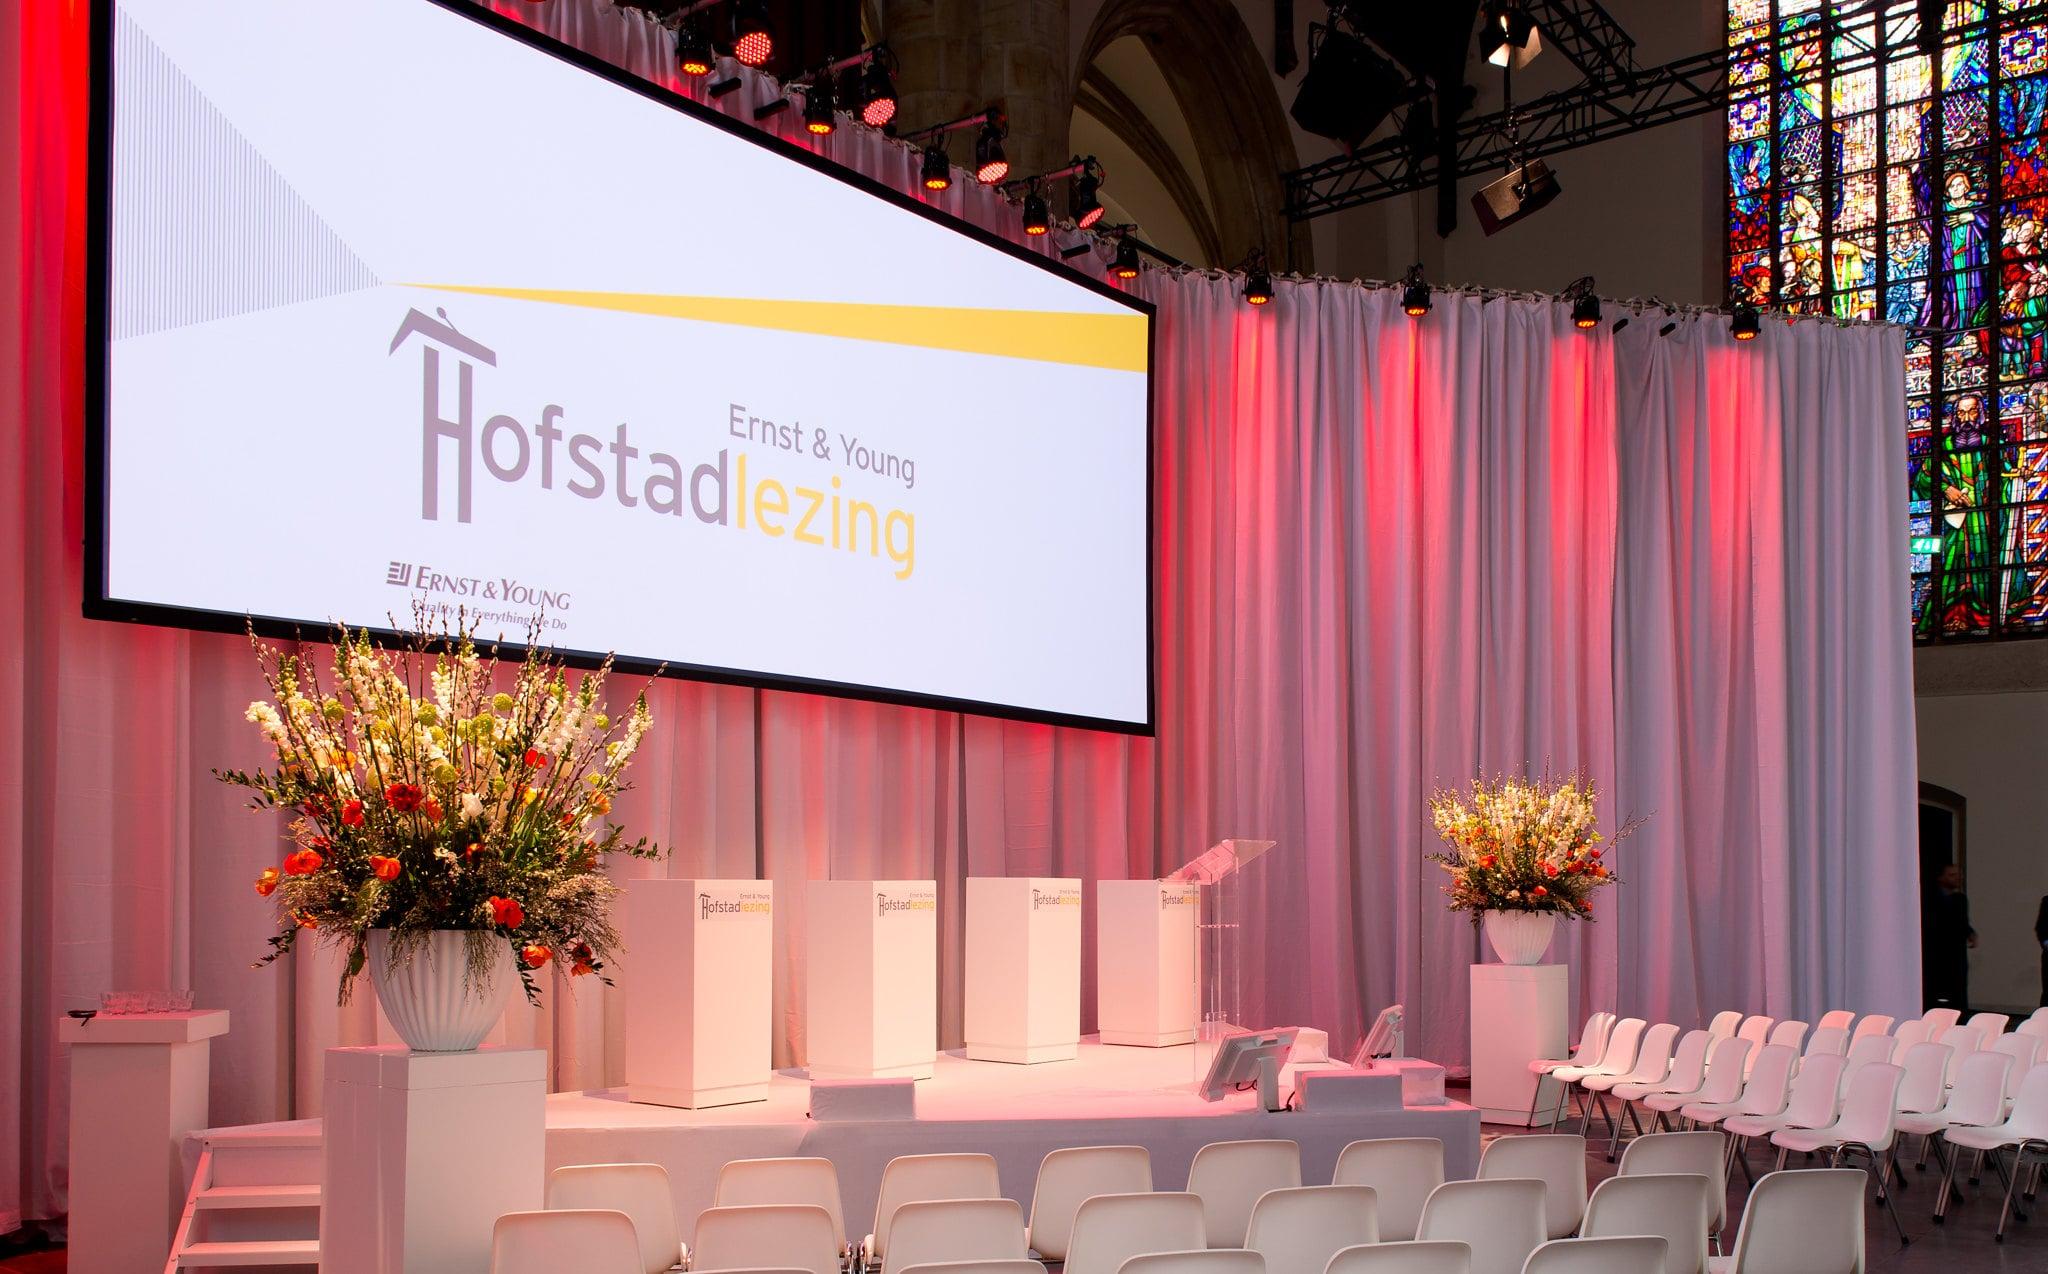 Ernst & Young Hofstadlezing